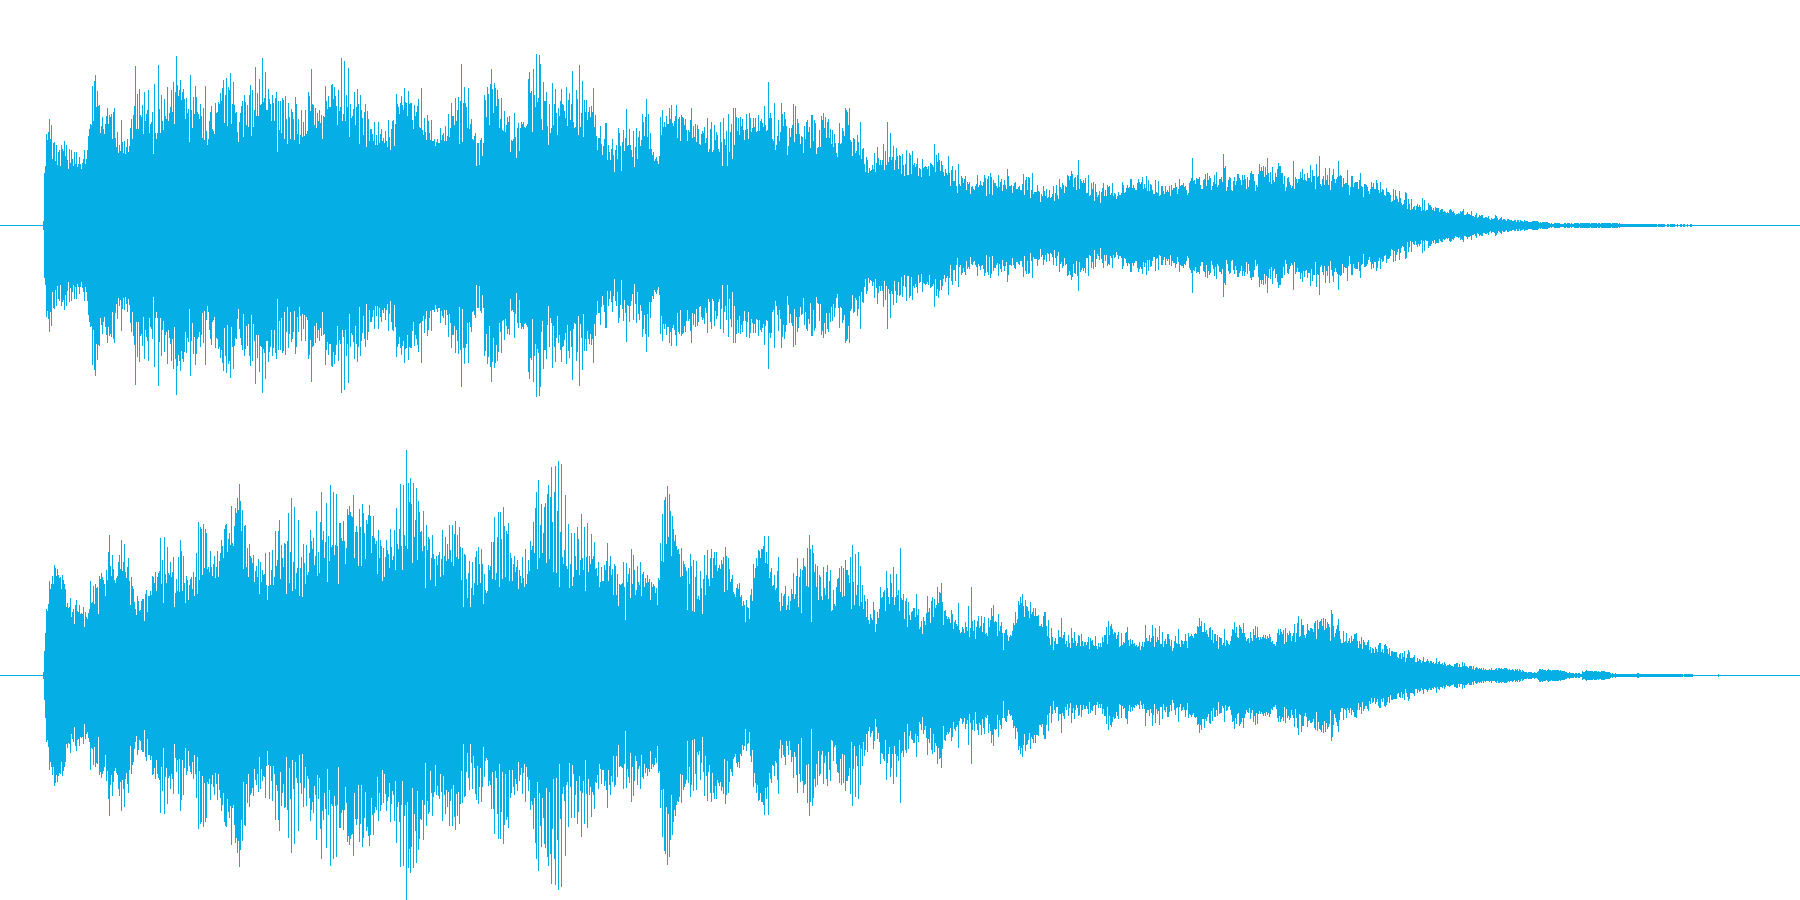 幻想的なクリスタルサウンドのショートロゴの再生済みの波形